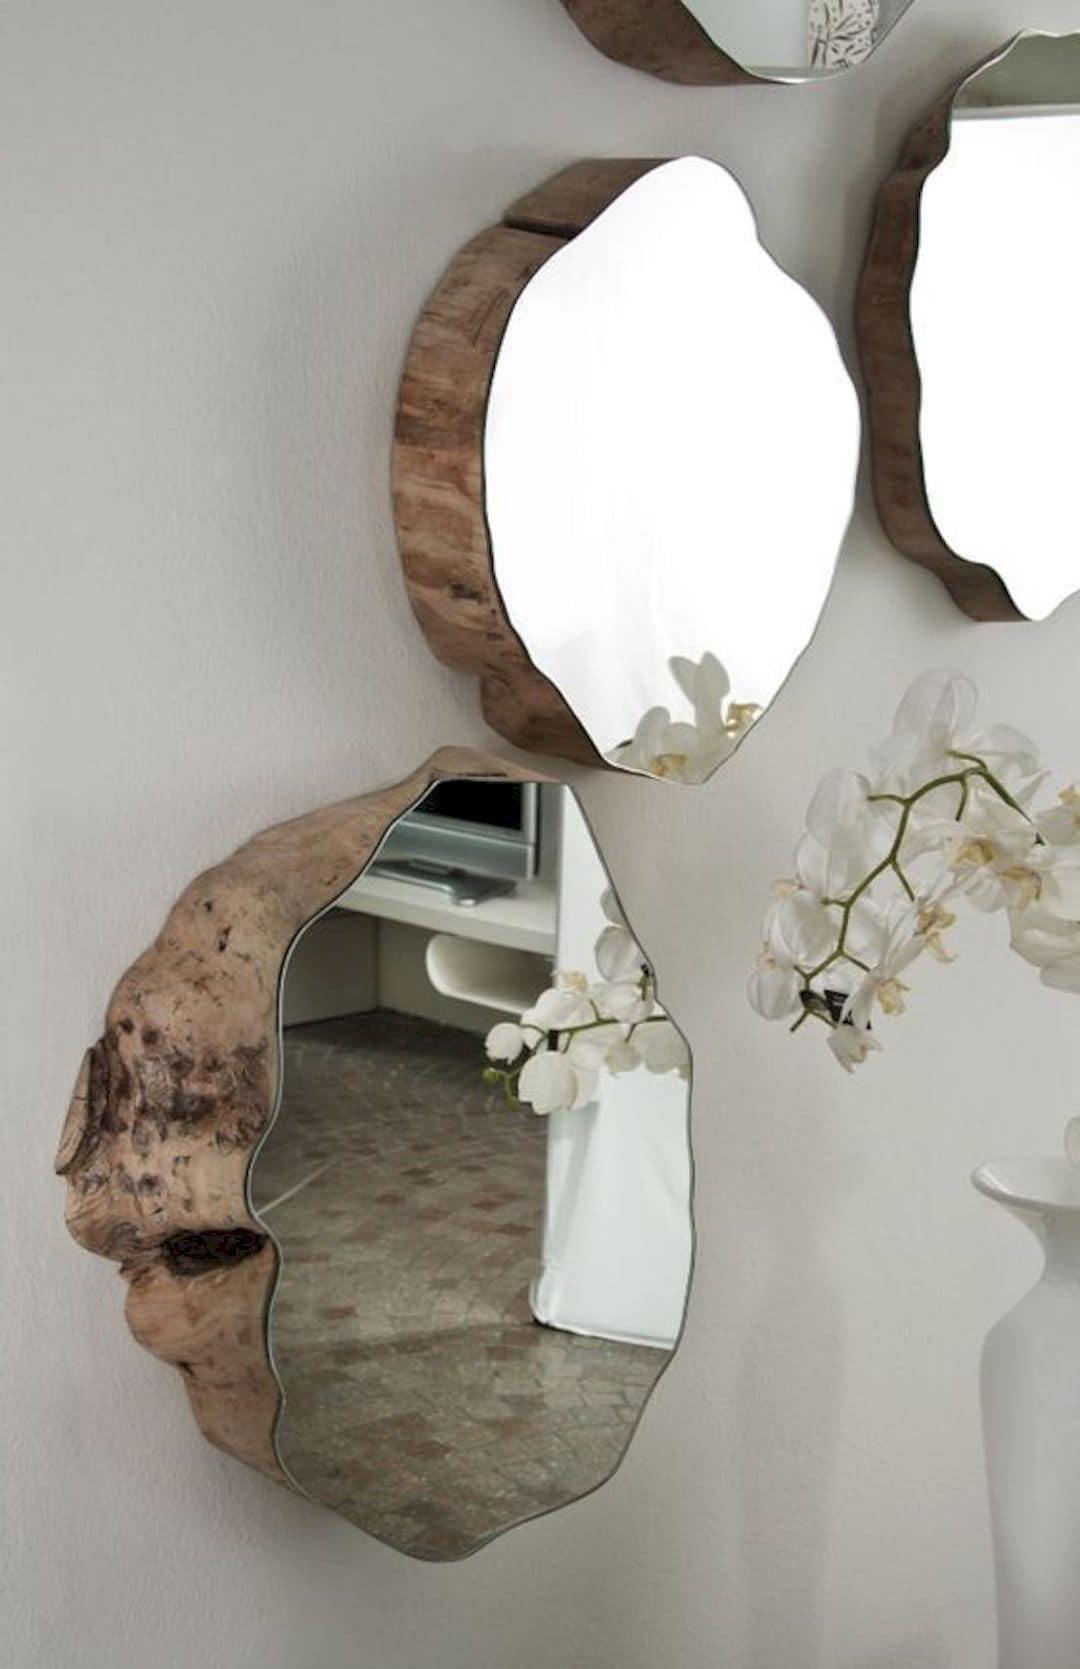 Настенные зеркала – это не только стильный, но и функциональный аксессуар вашего интерьера